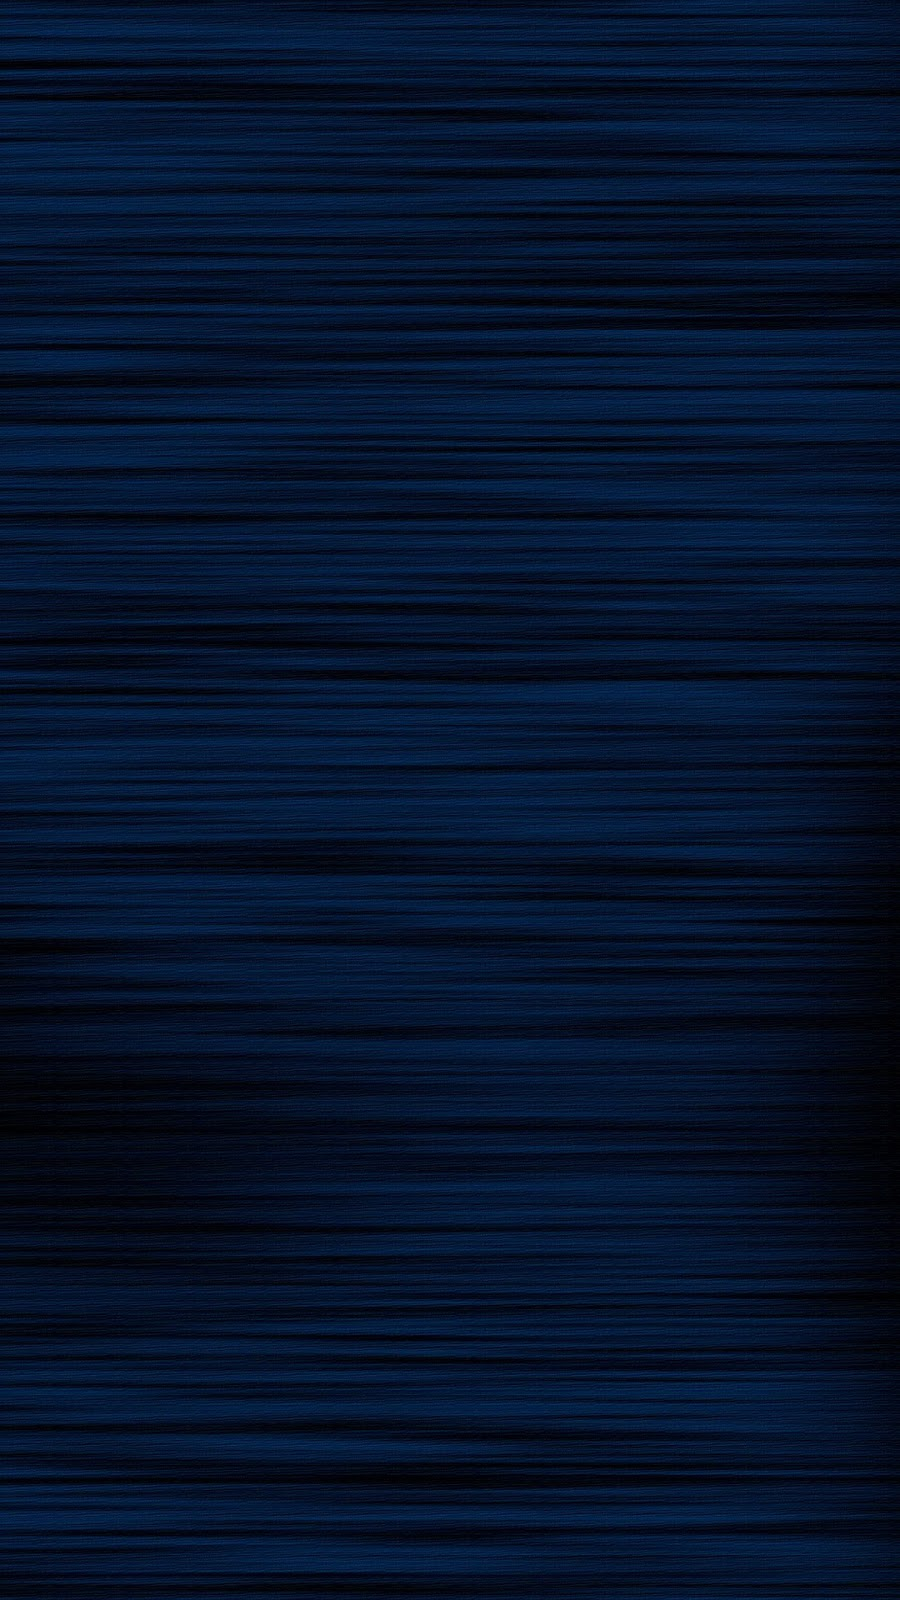 Iphone 7 Plus Wallpaper Download Wallpapercarax